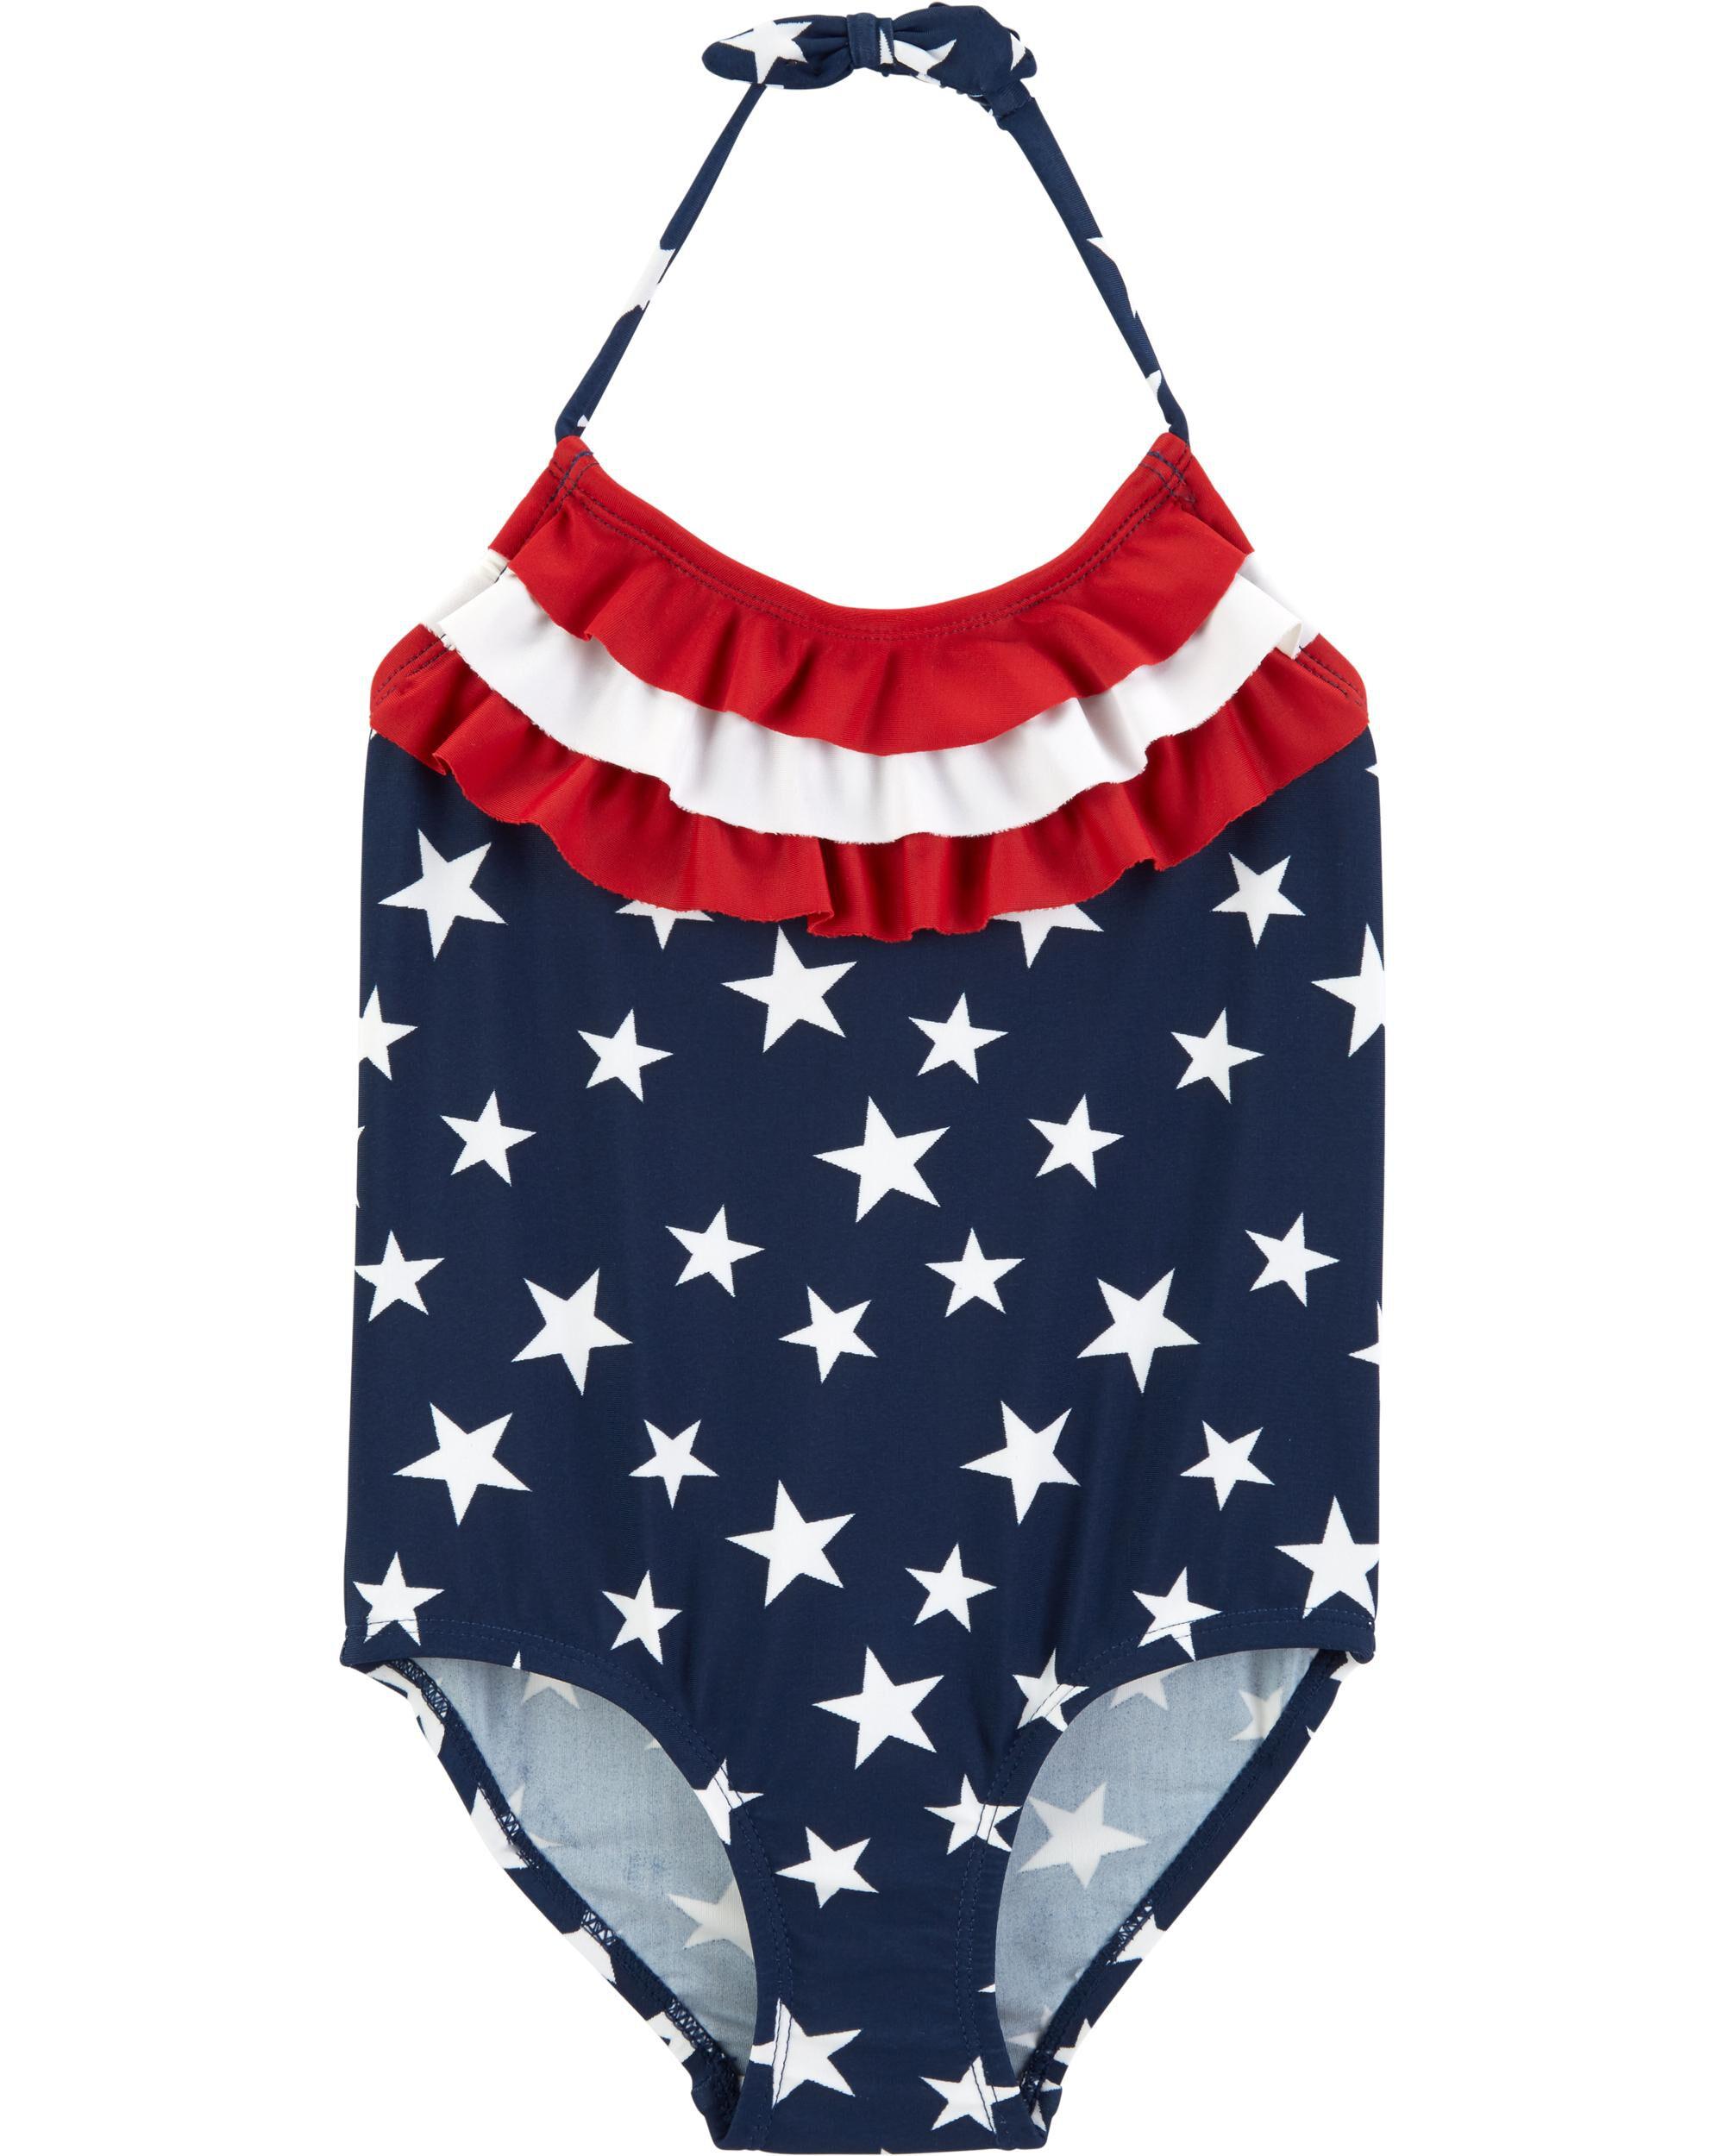 Girls Swimwear 3-6 Months Girls' Clothing (newborn-5t)